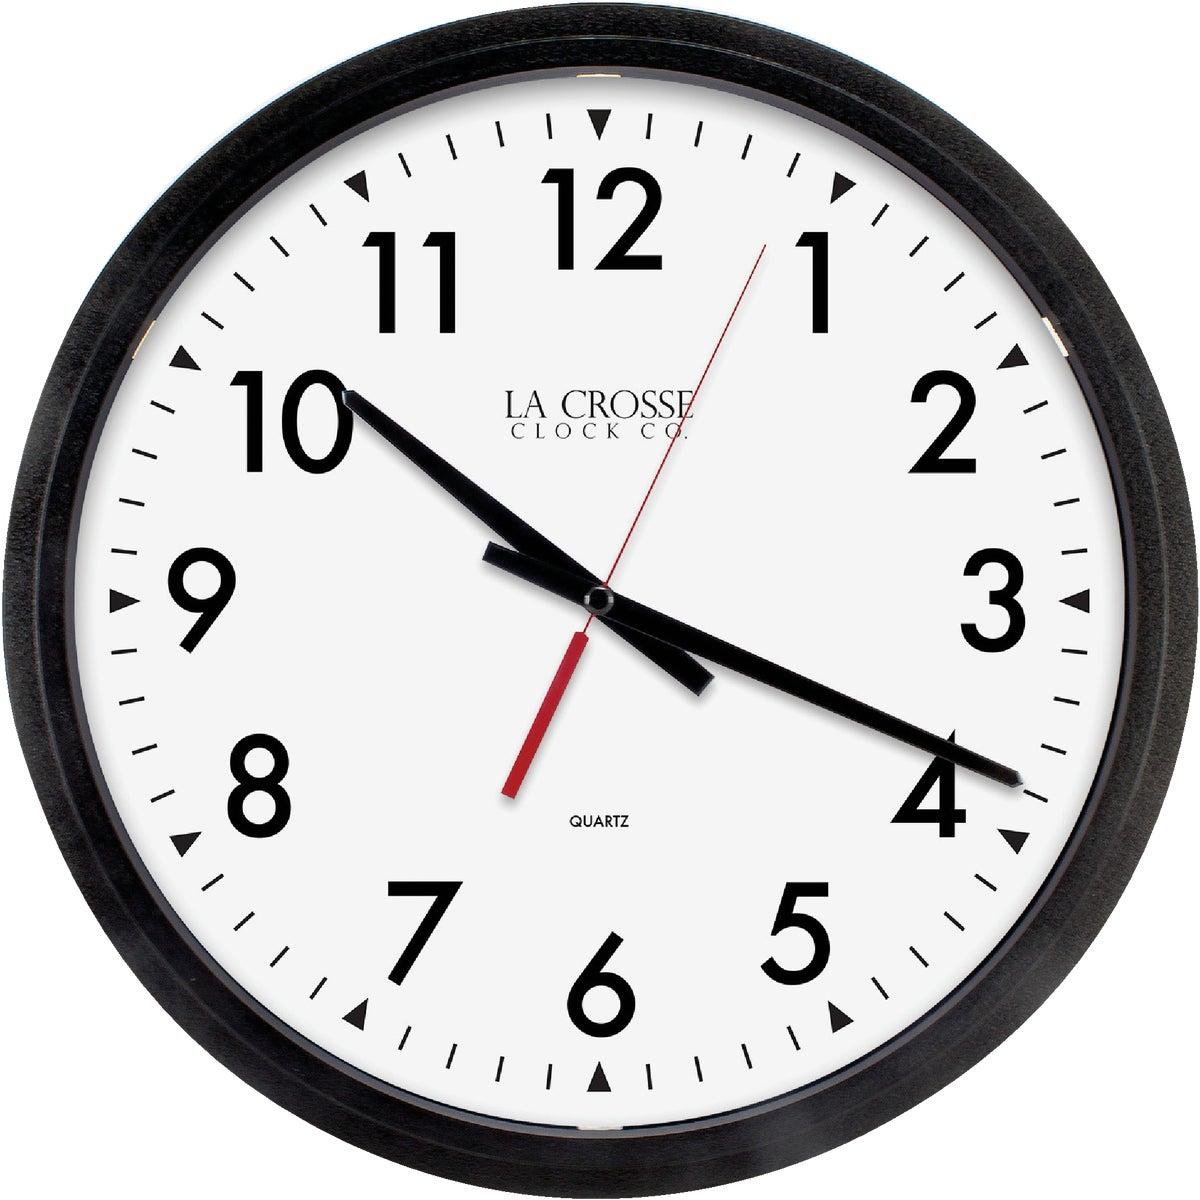 QUARTZ WALL CLOCK - 3980GG by Geneva Clock Company